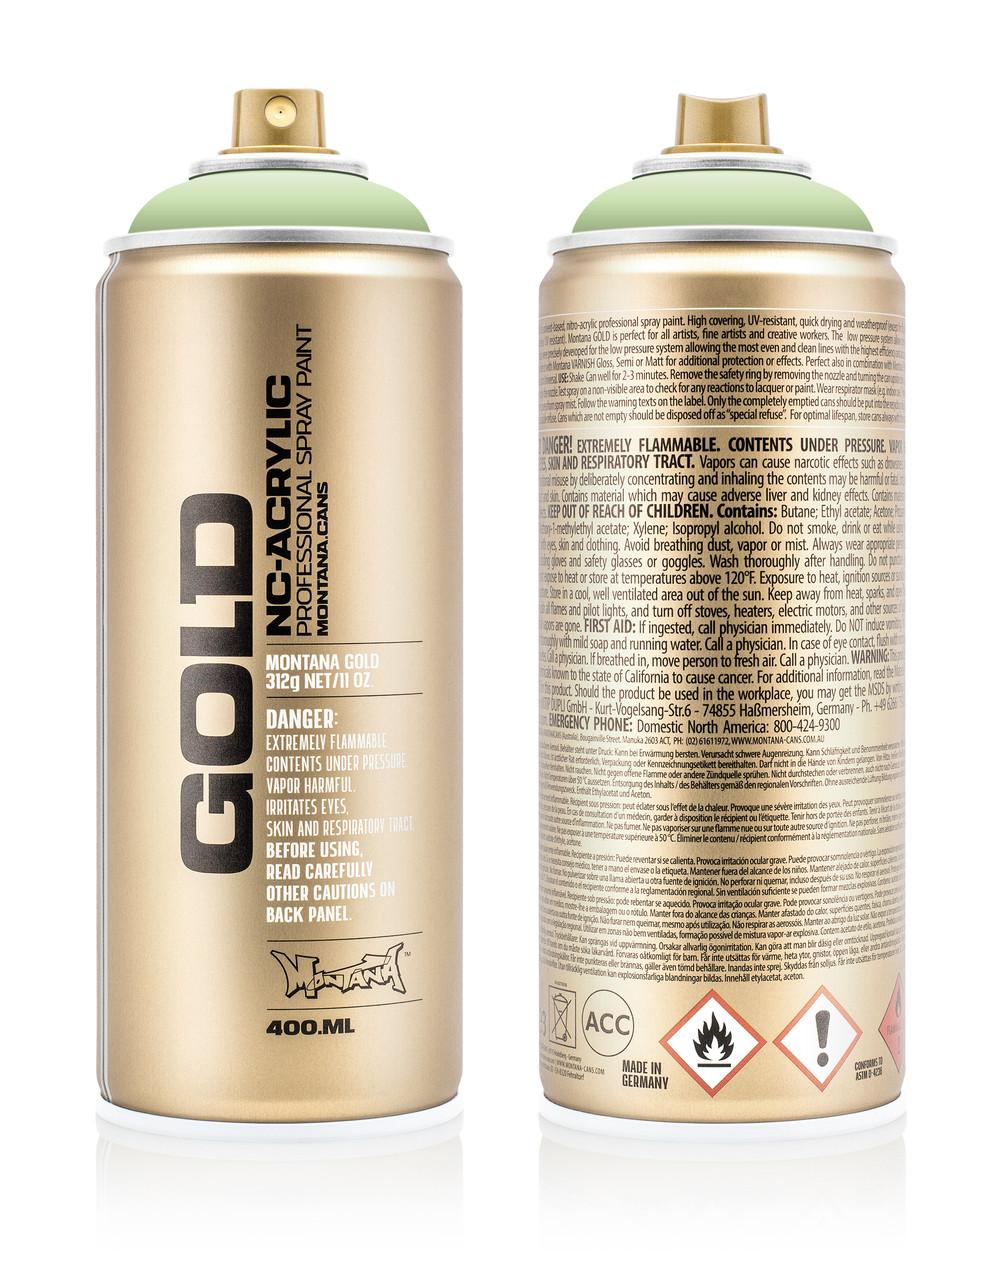 Краска Montana Gold 6010 Липовый зеленый 400 мл (Linden Green) (285035)